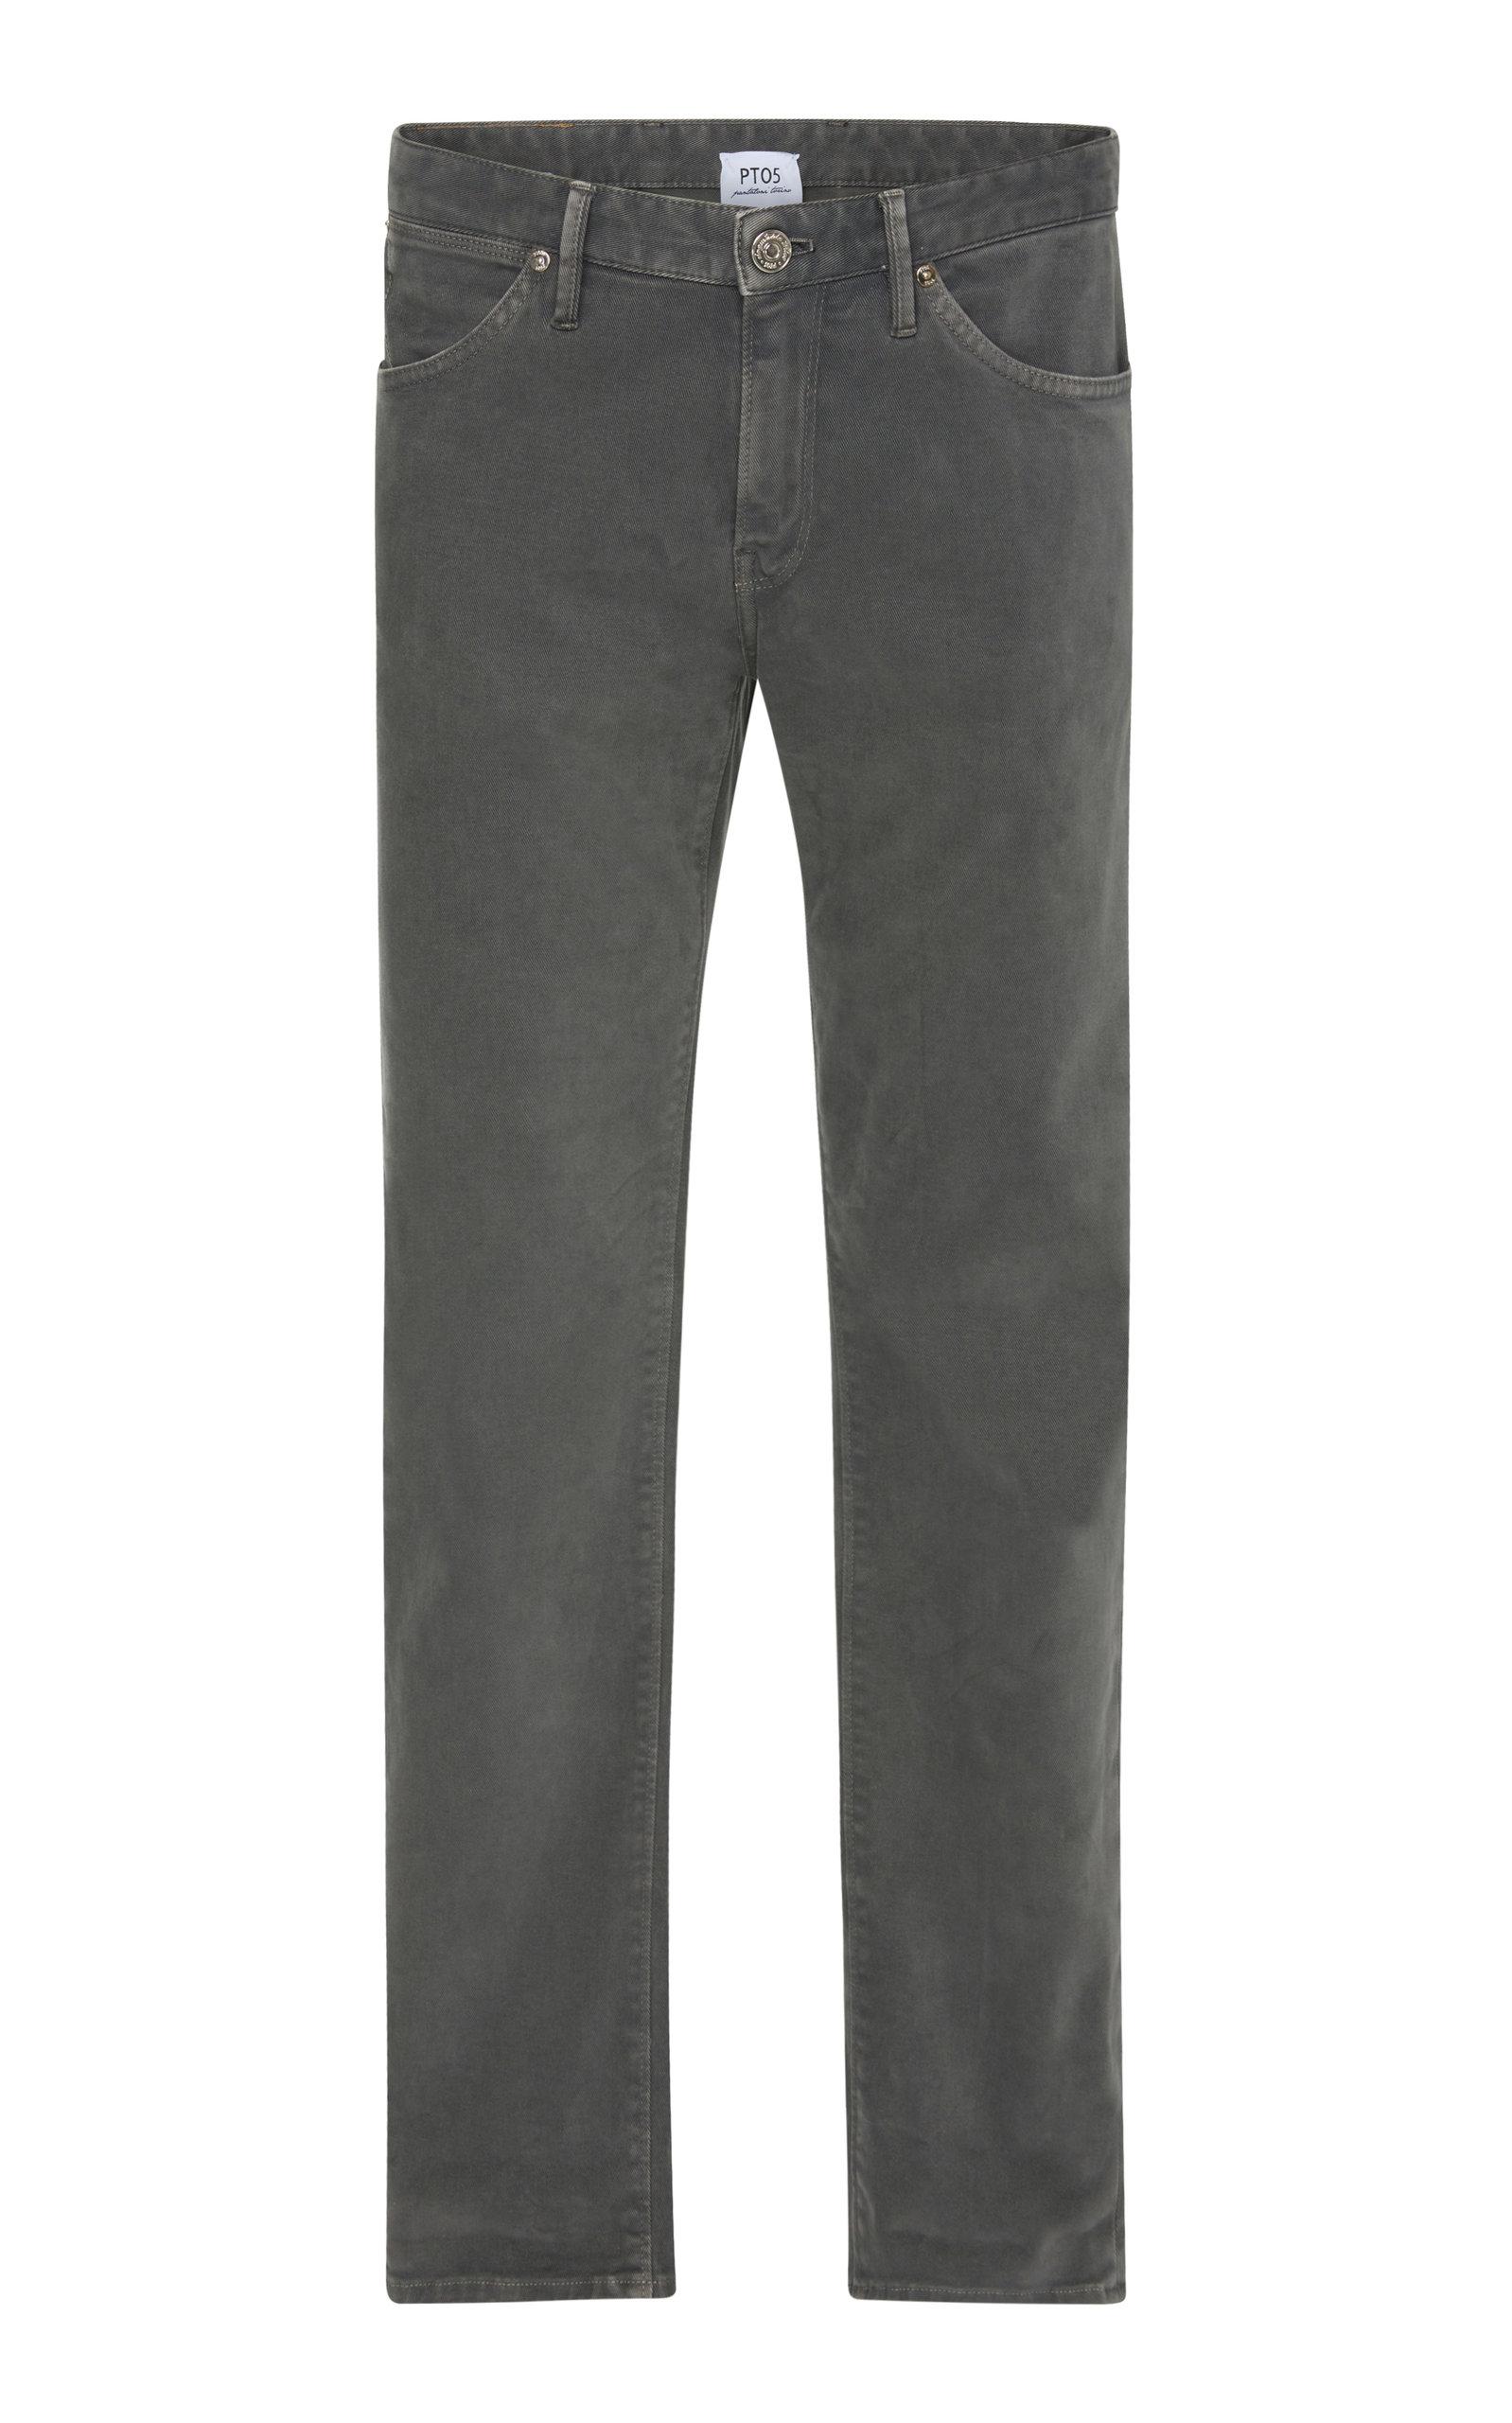 PT 05 SOUL SLIM COTTON PANTS